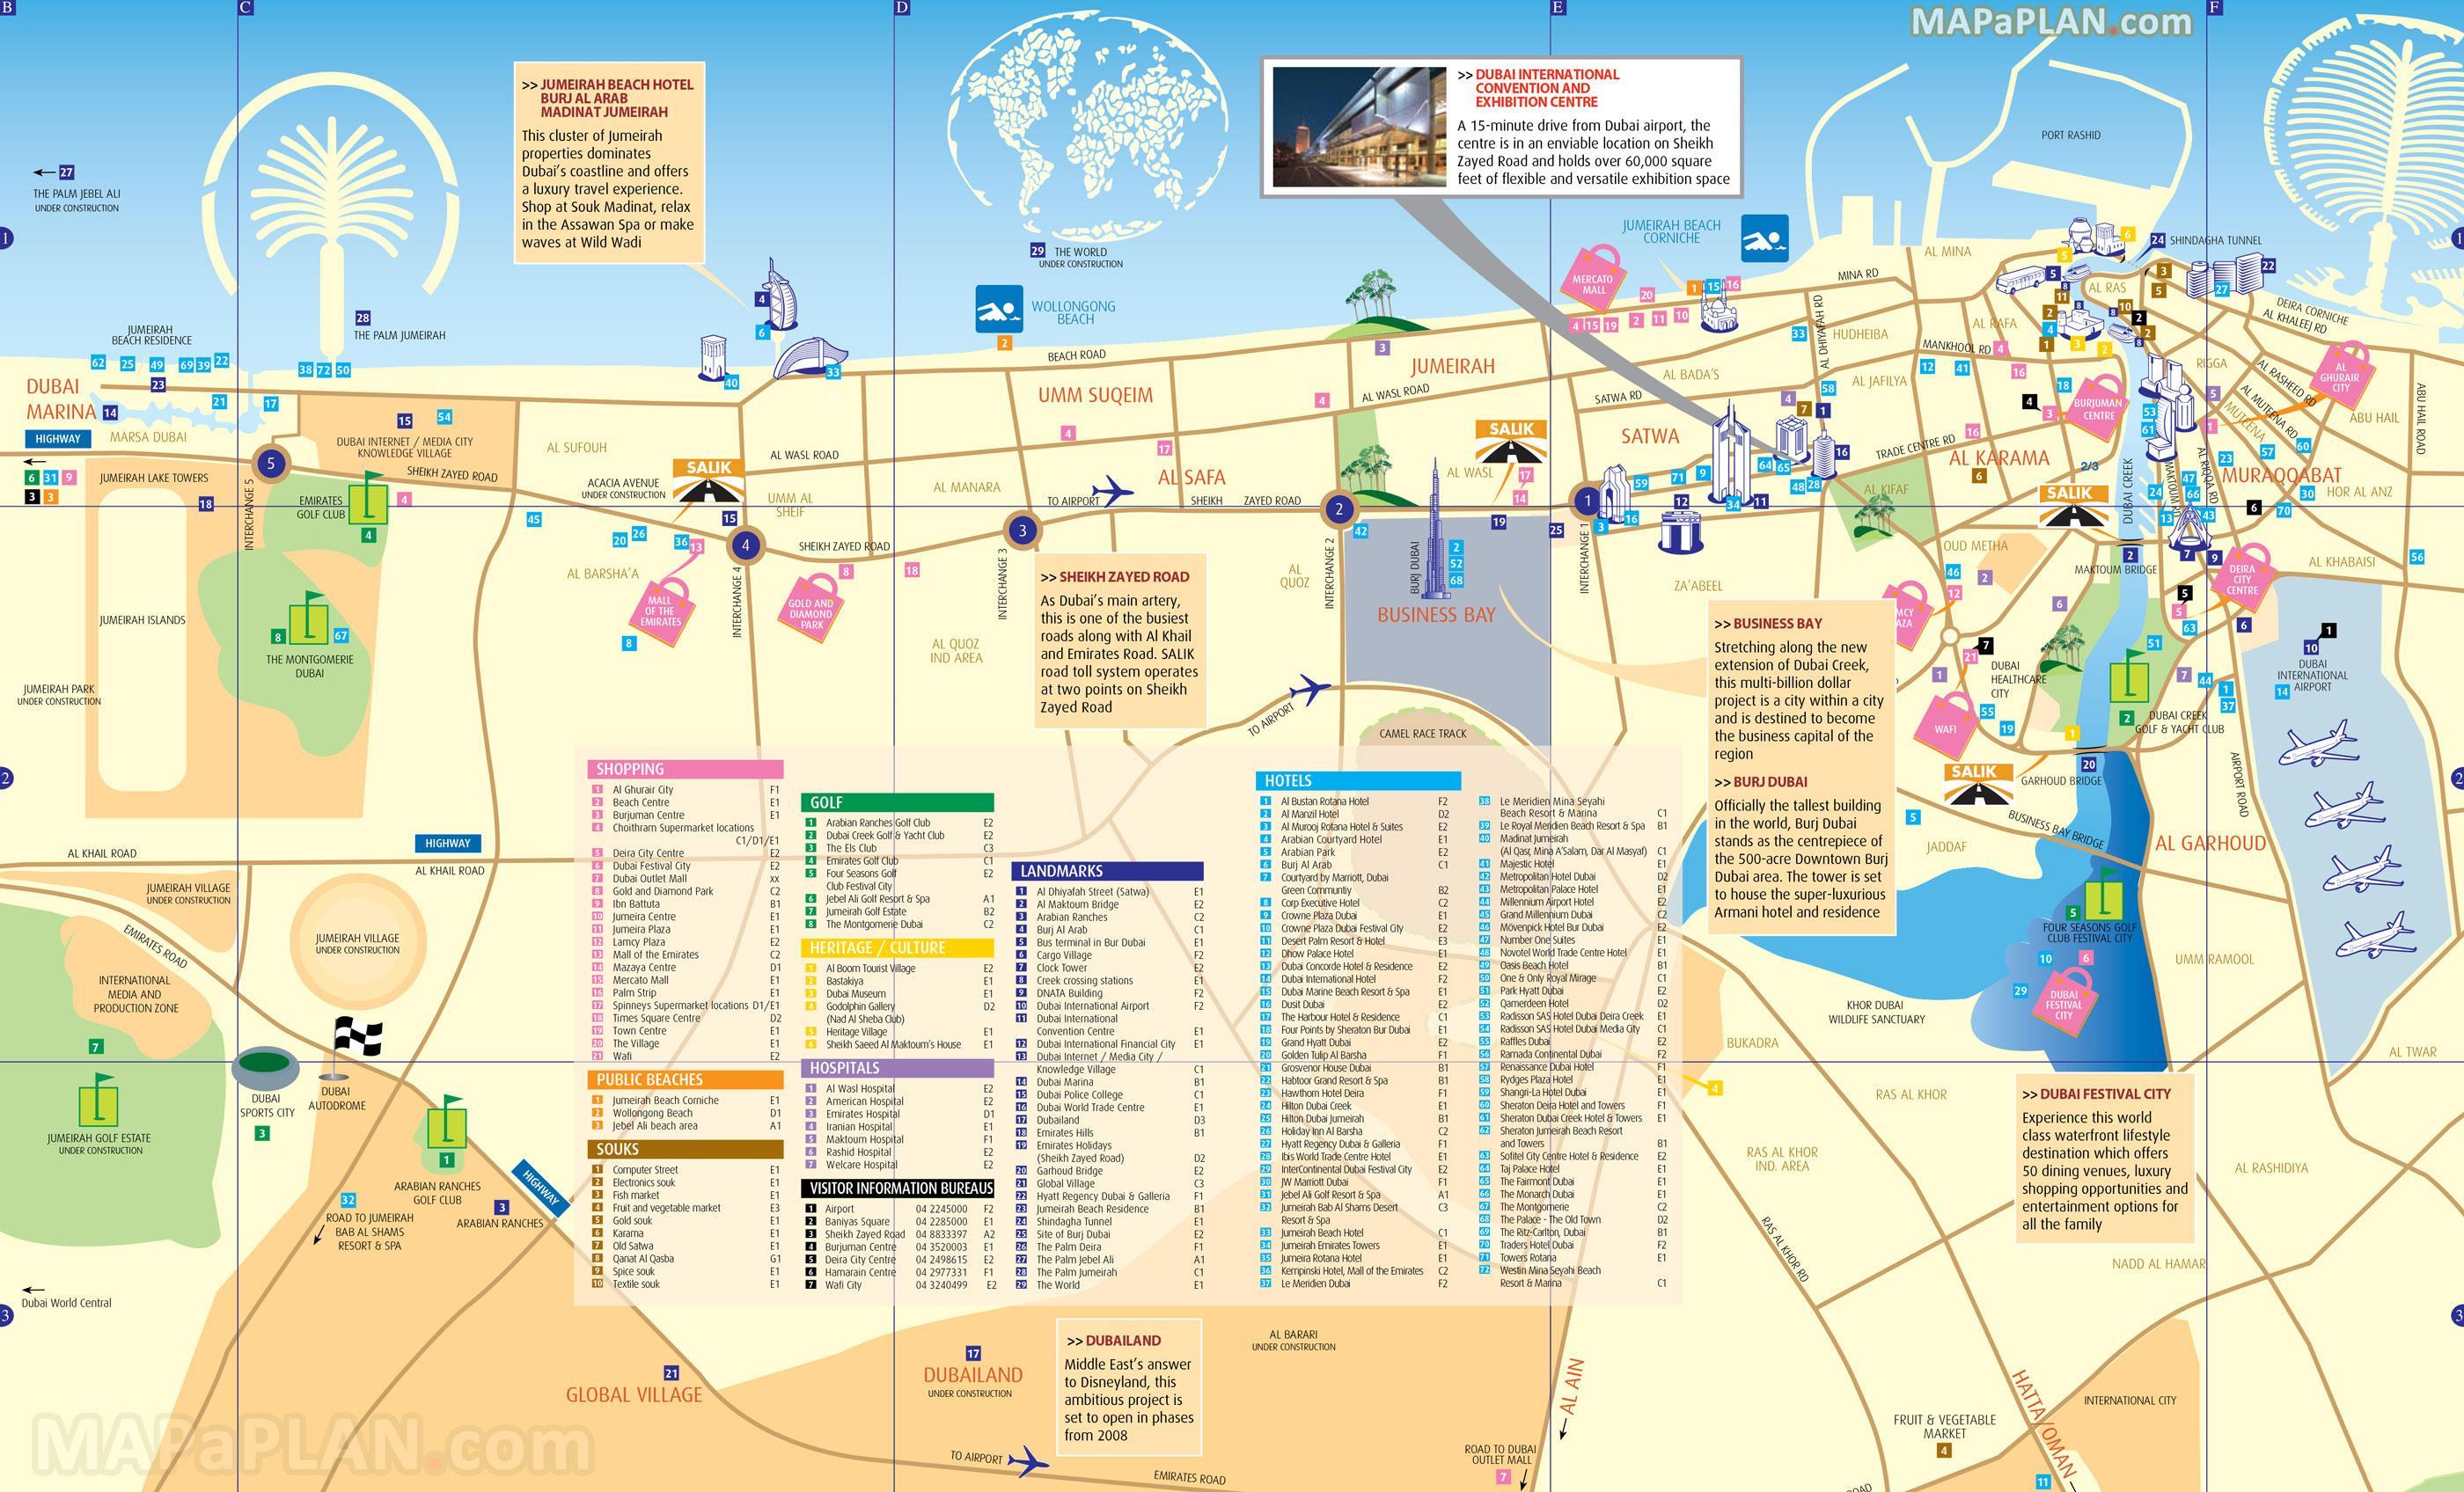 kart over dubai City center, Dubai kart   Kart over Dubai sentrum (Forente  kart over dubai